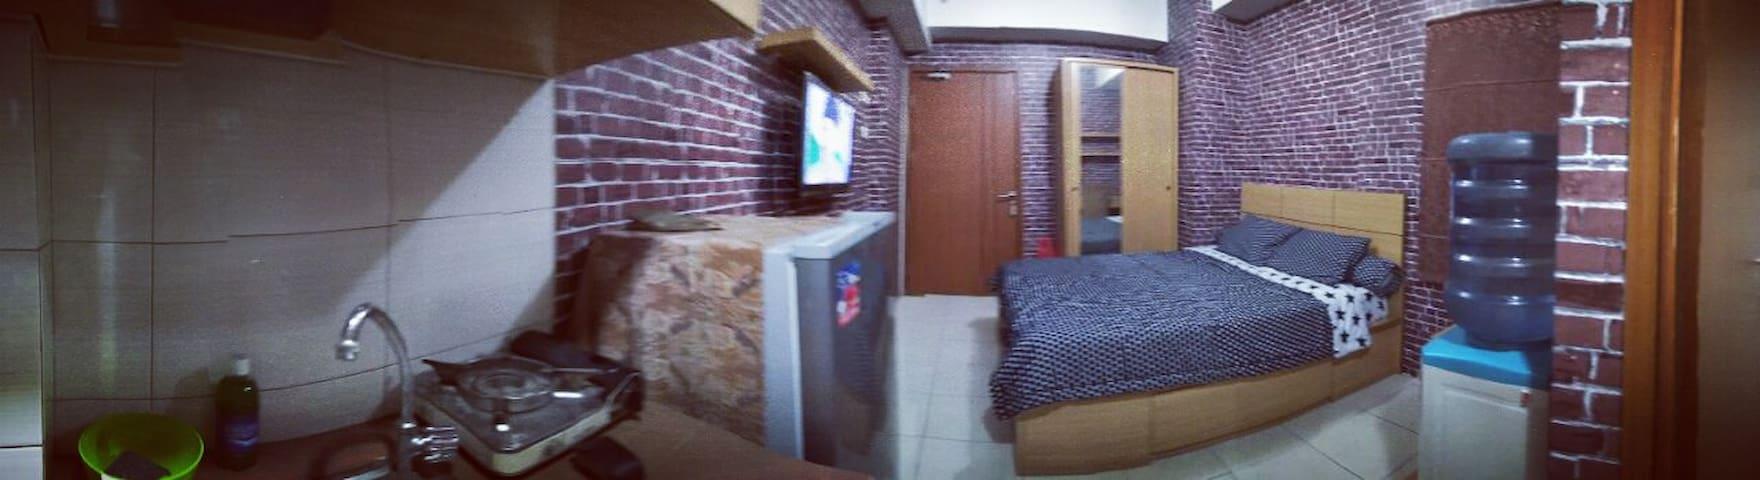 Sewa Apartemen Margonda residence IV